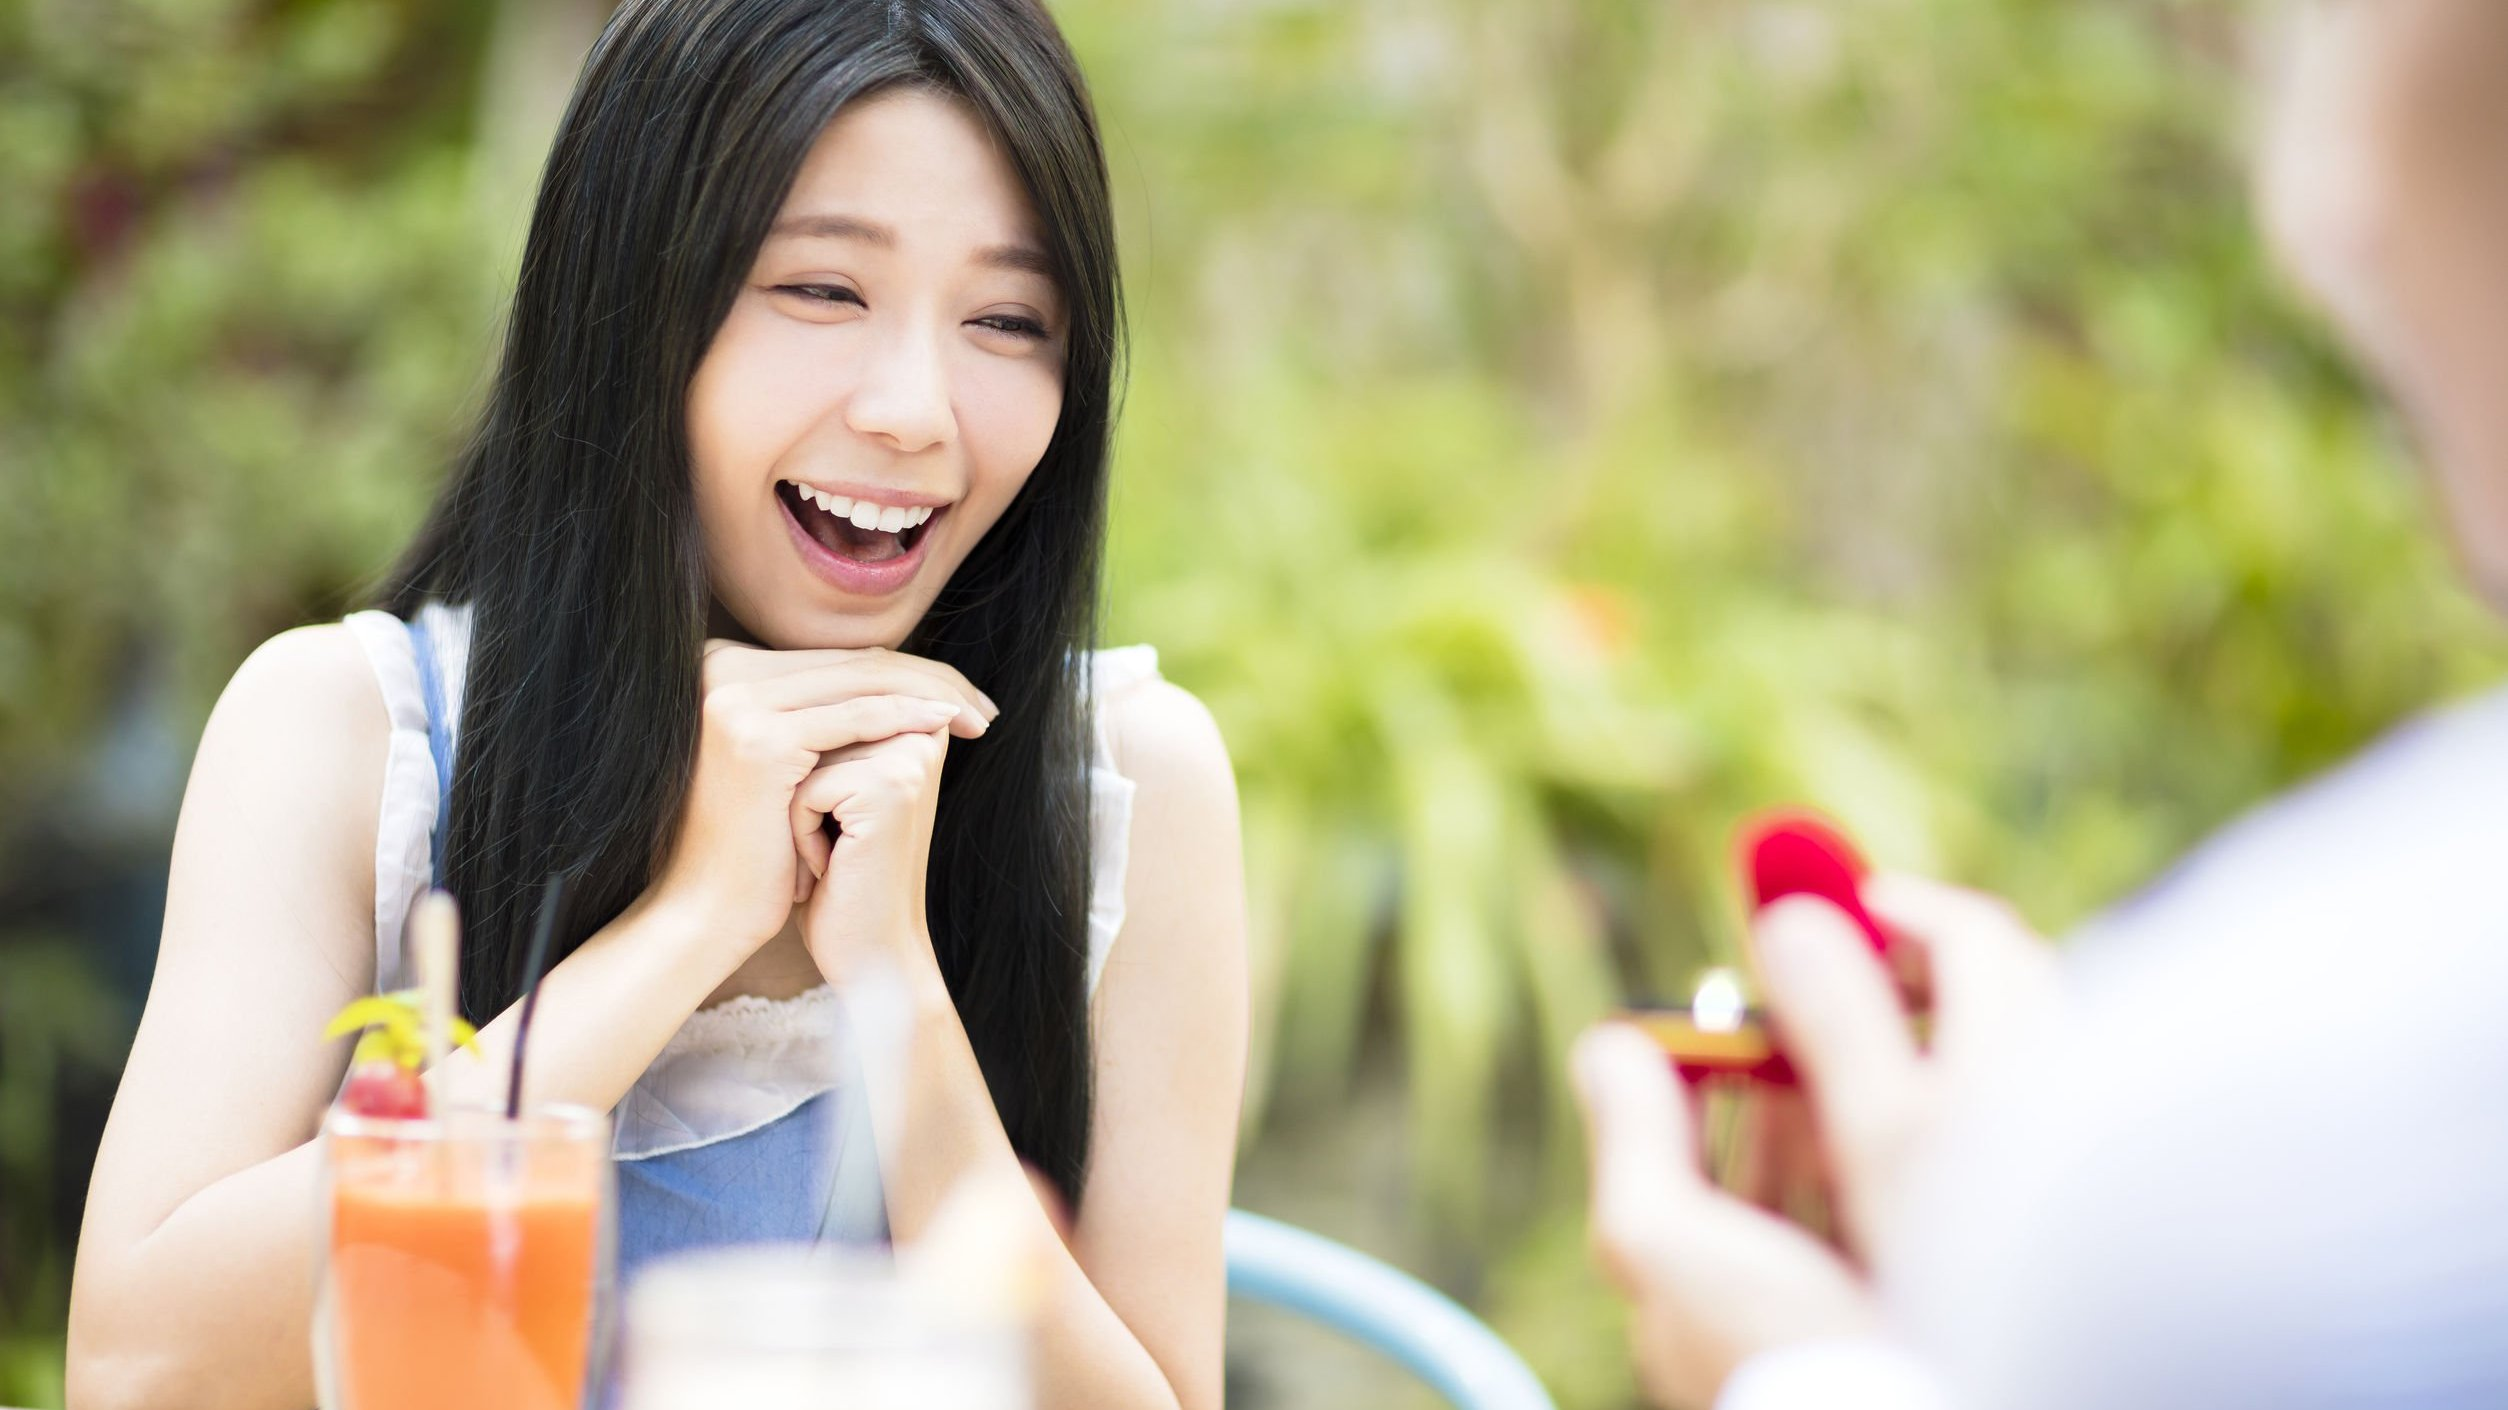 Mulher com a boca aberta, impressionada, olhando para um homem segurando uma caixa vermelha com um anel.